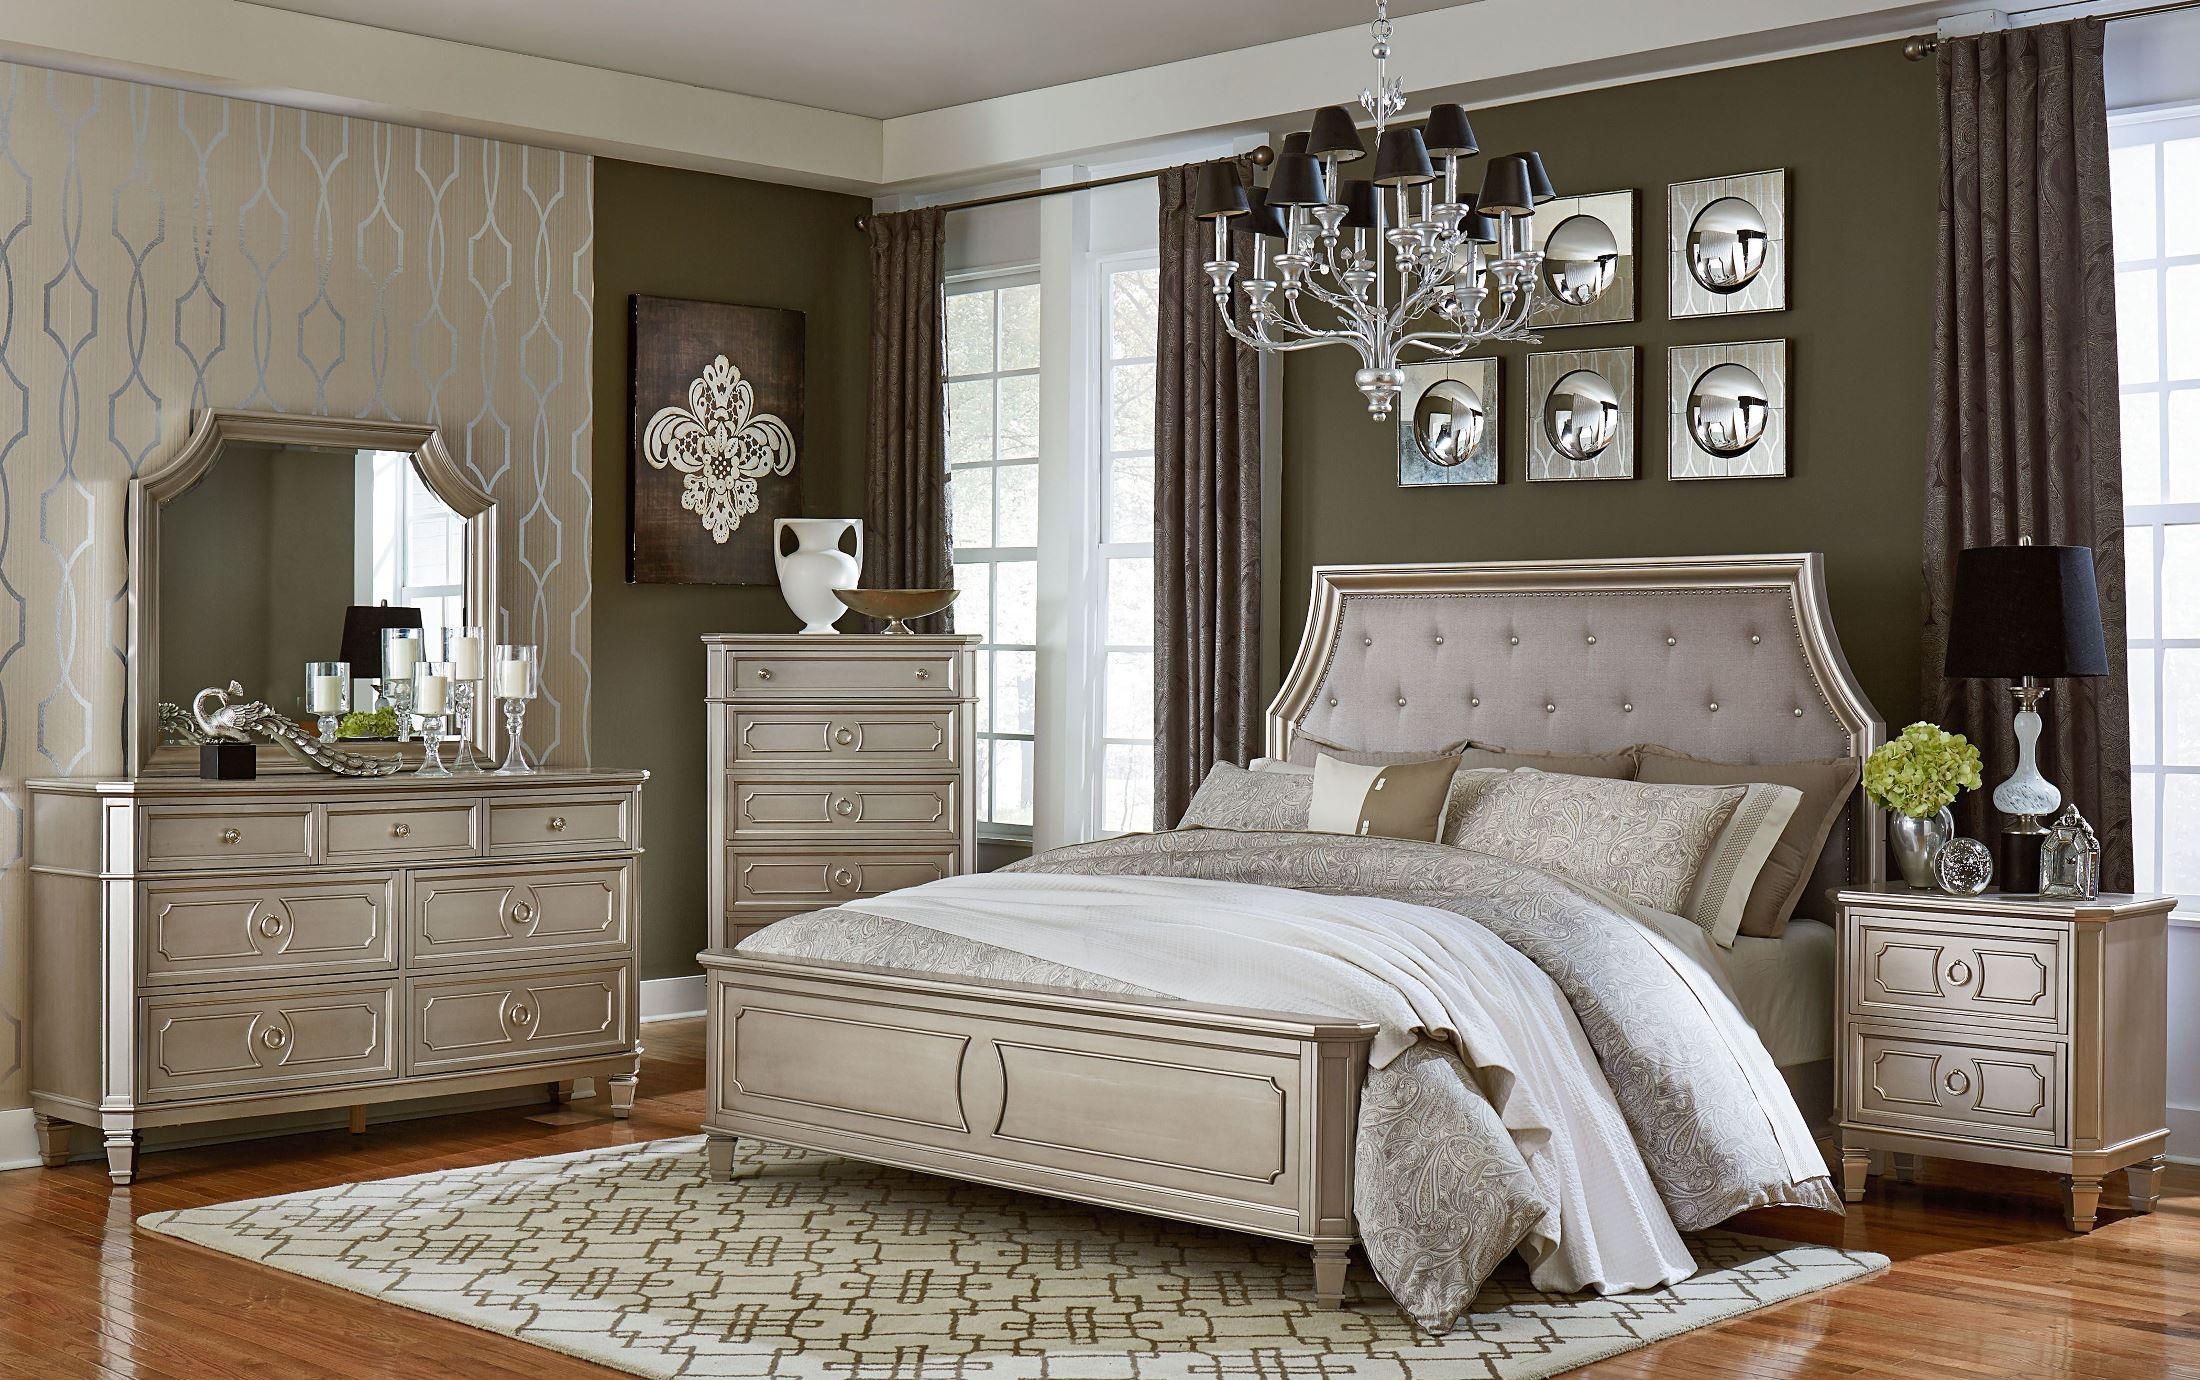 Windsor Silver Panel Bedroom Set from Standard Furniture | Coleman ...